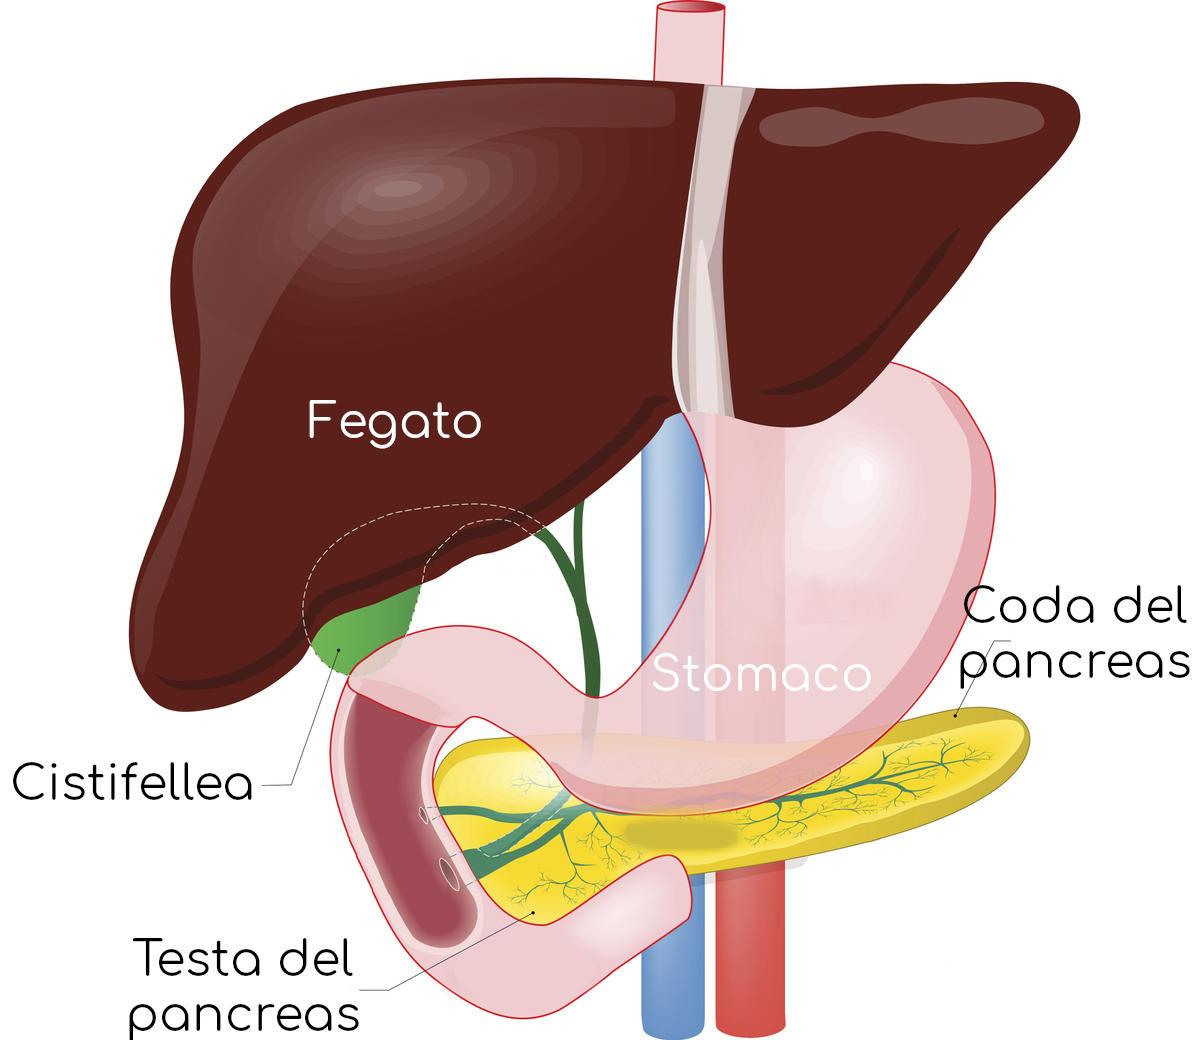 Posizione anatomica di fegato, stomaco, pancreas, cistifellea